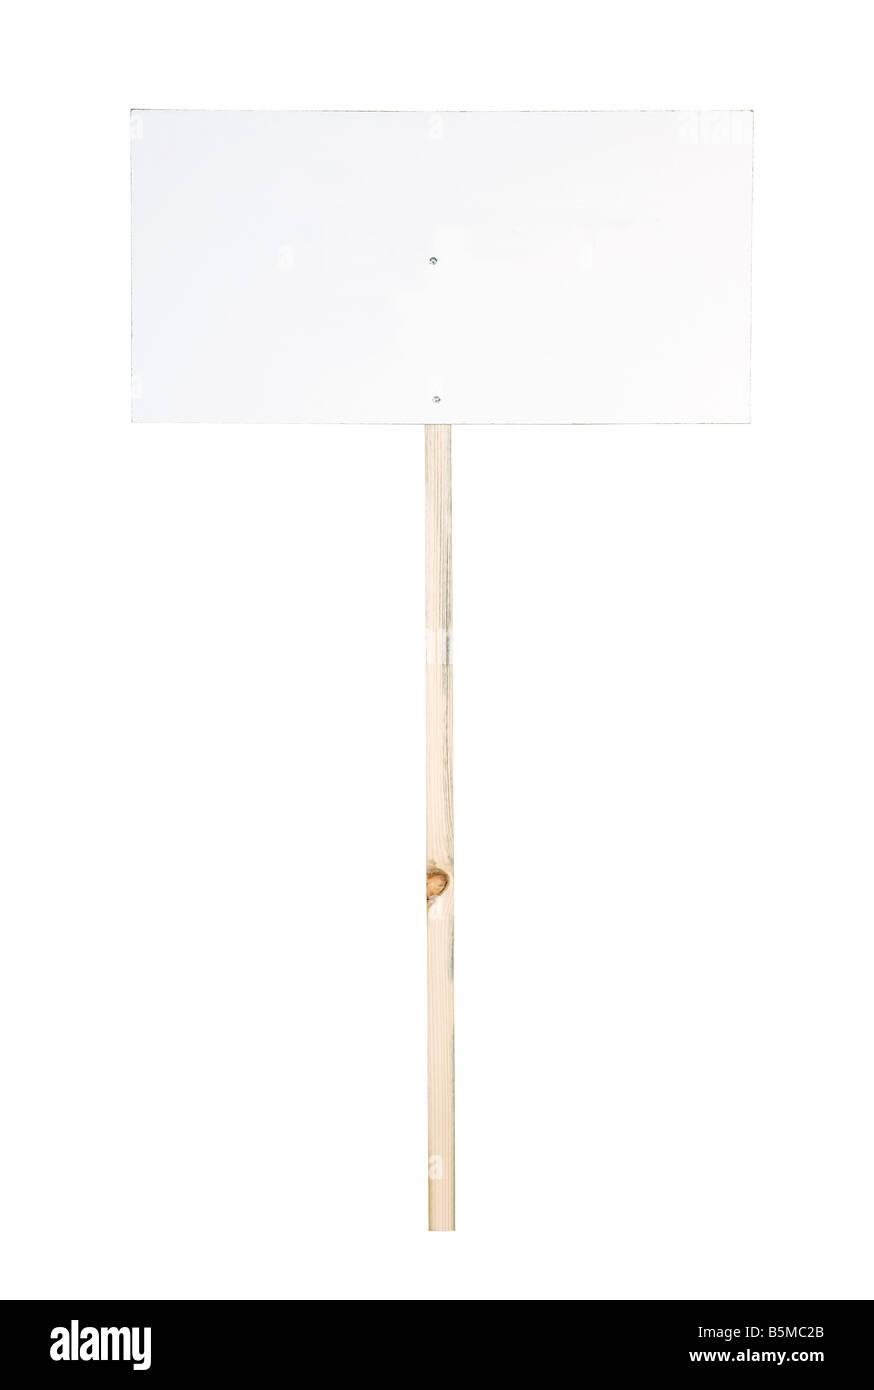 Segnavia bianco isolato su sfondo bianco inserire il proprio messaggio Immagini Stock